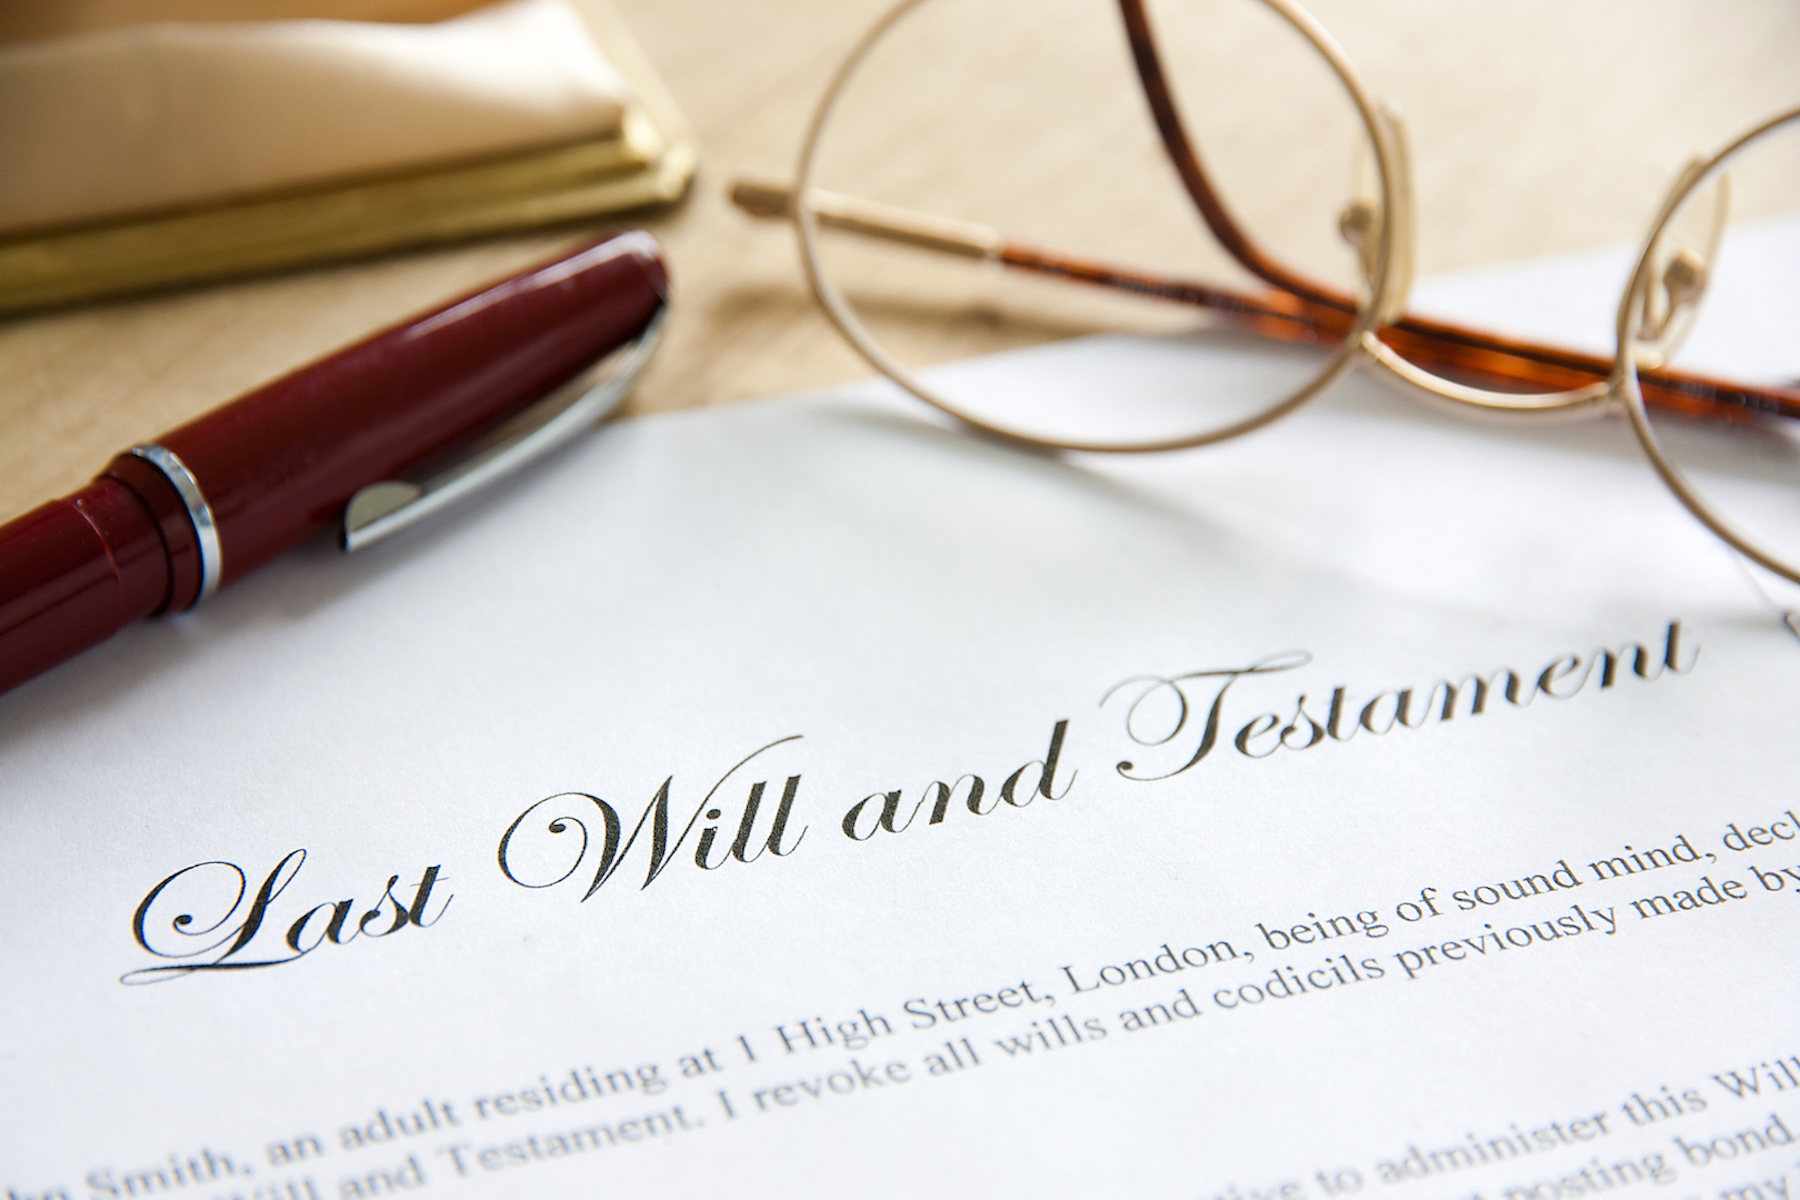 Will & Trusts